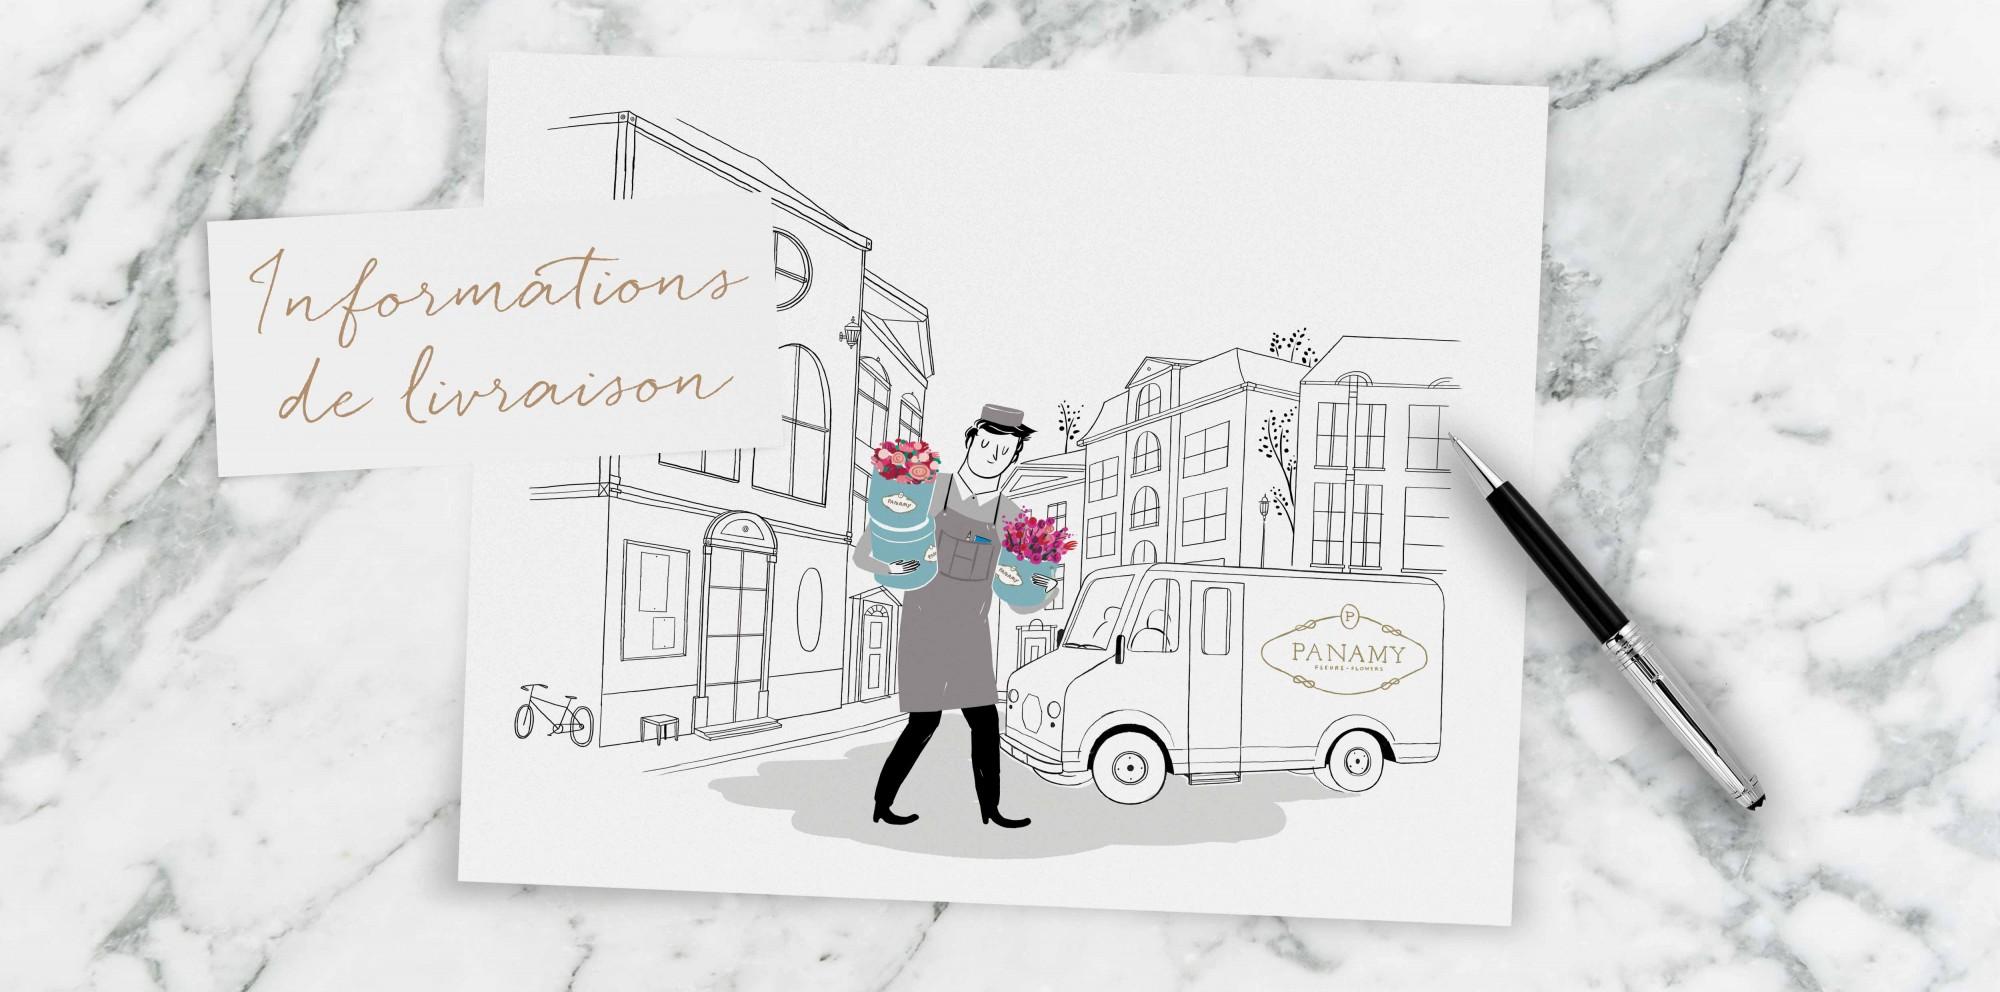 Information de livraison - PANAMY livraison des fleurs en Suisse , Geneve, Lausanne, Montreux, Zürich, Bale